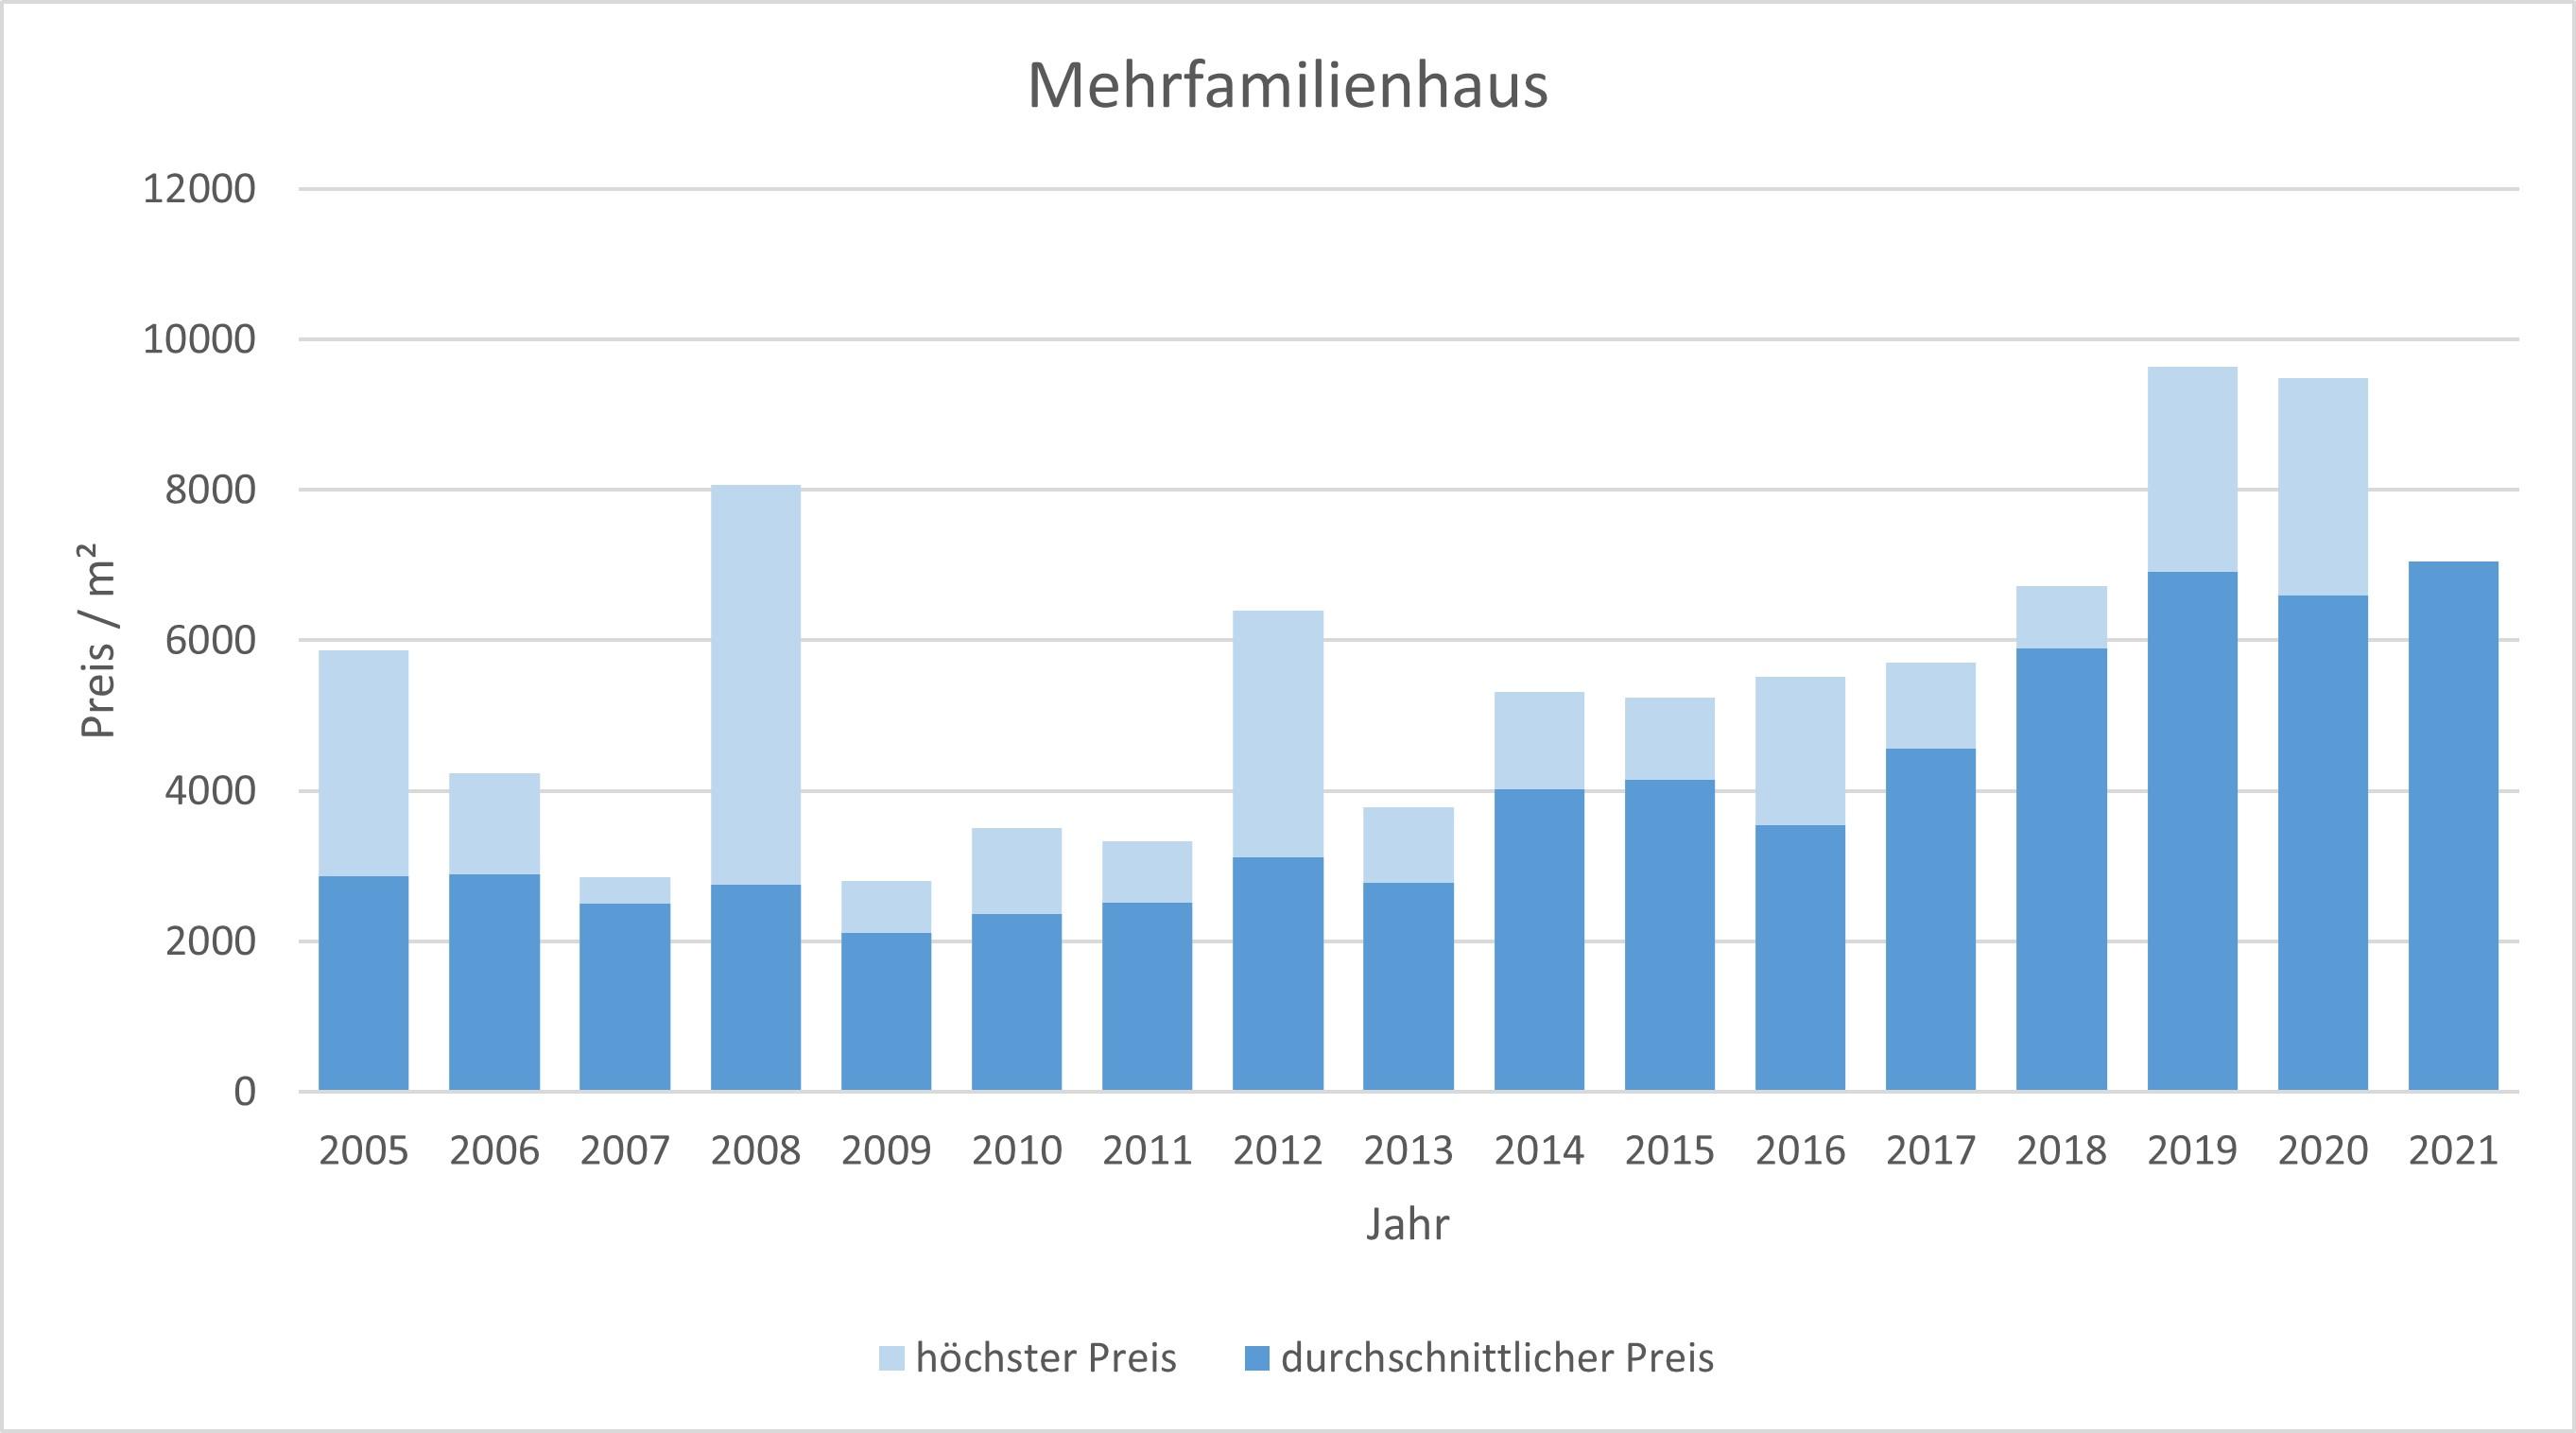 Unterschleißheim Mehrfamilienhaus kaufen verkaufen Preis Bewertung Makler 2019 2020 2021 www.happy-immo.de